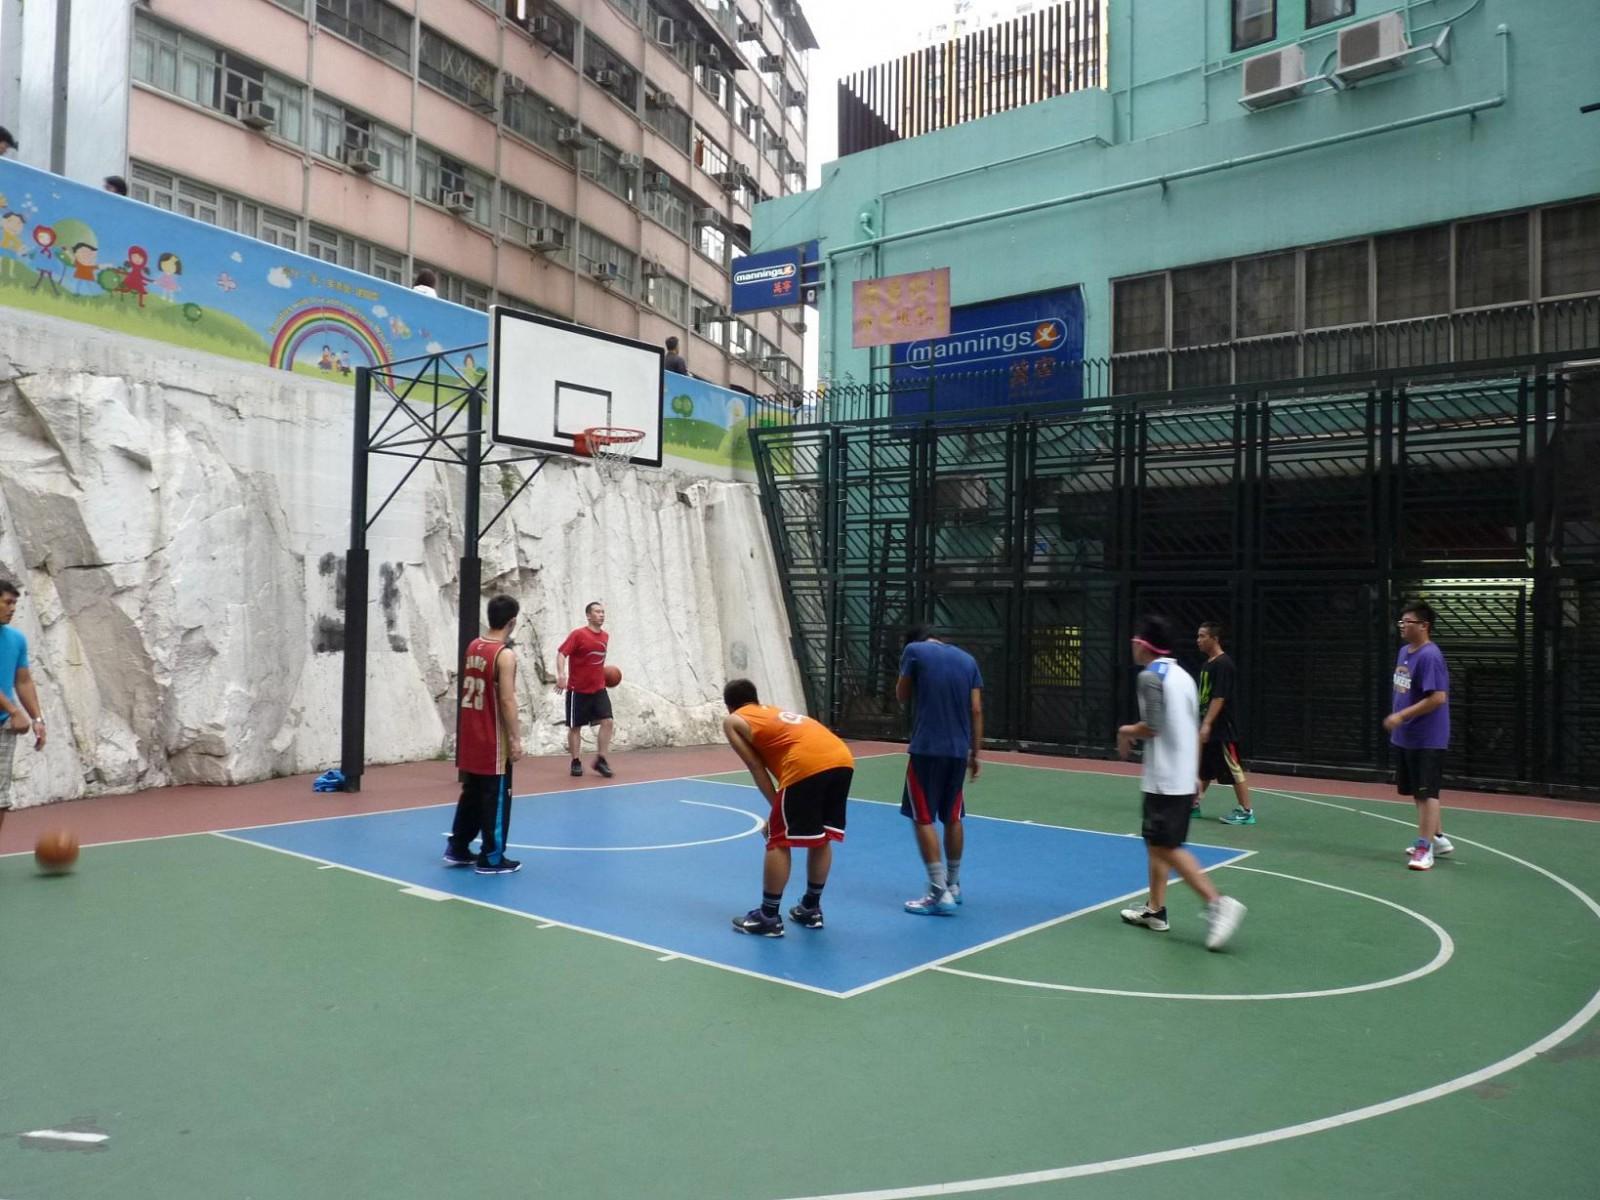 Basketball Court at Hennessy Road Playground in Hong Kong, Hong Kong